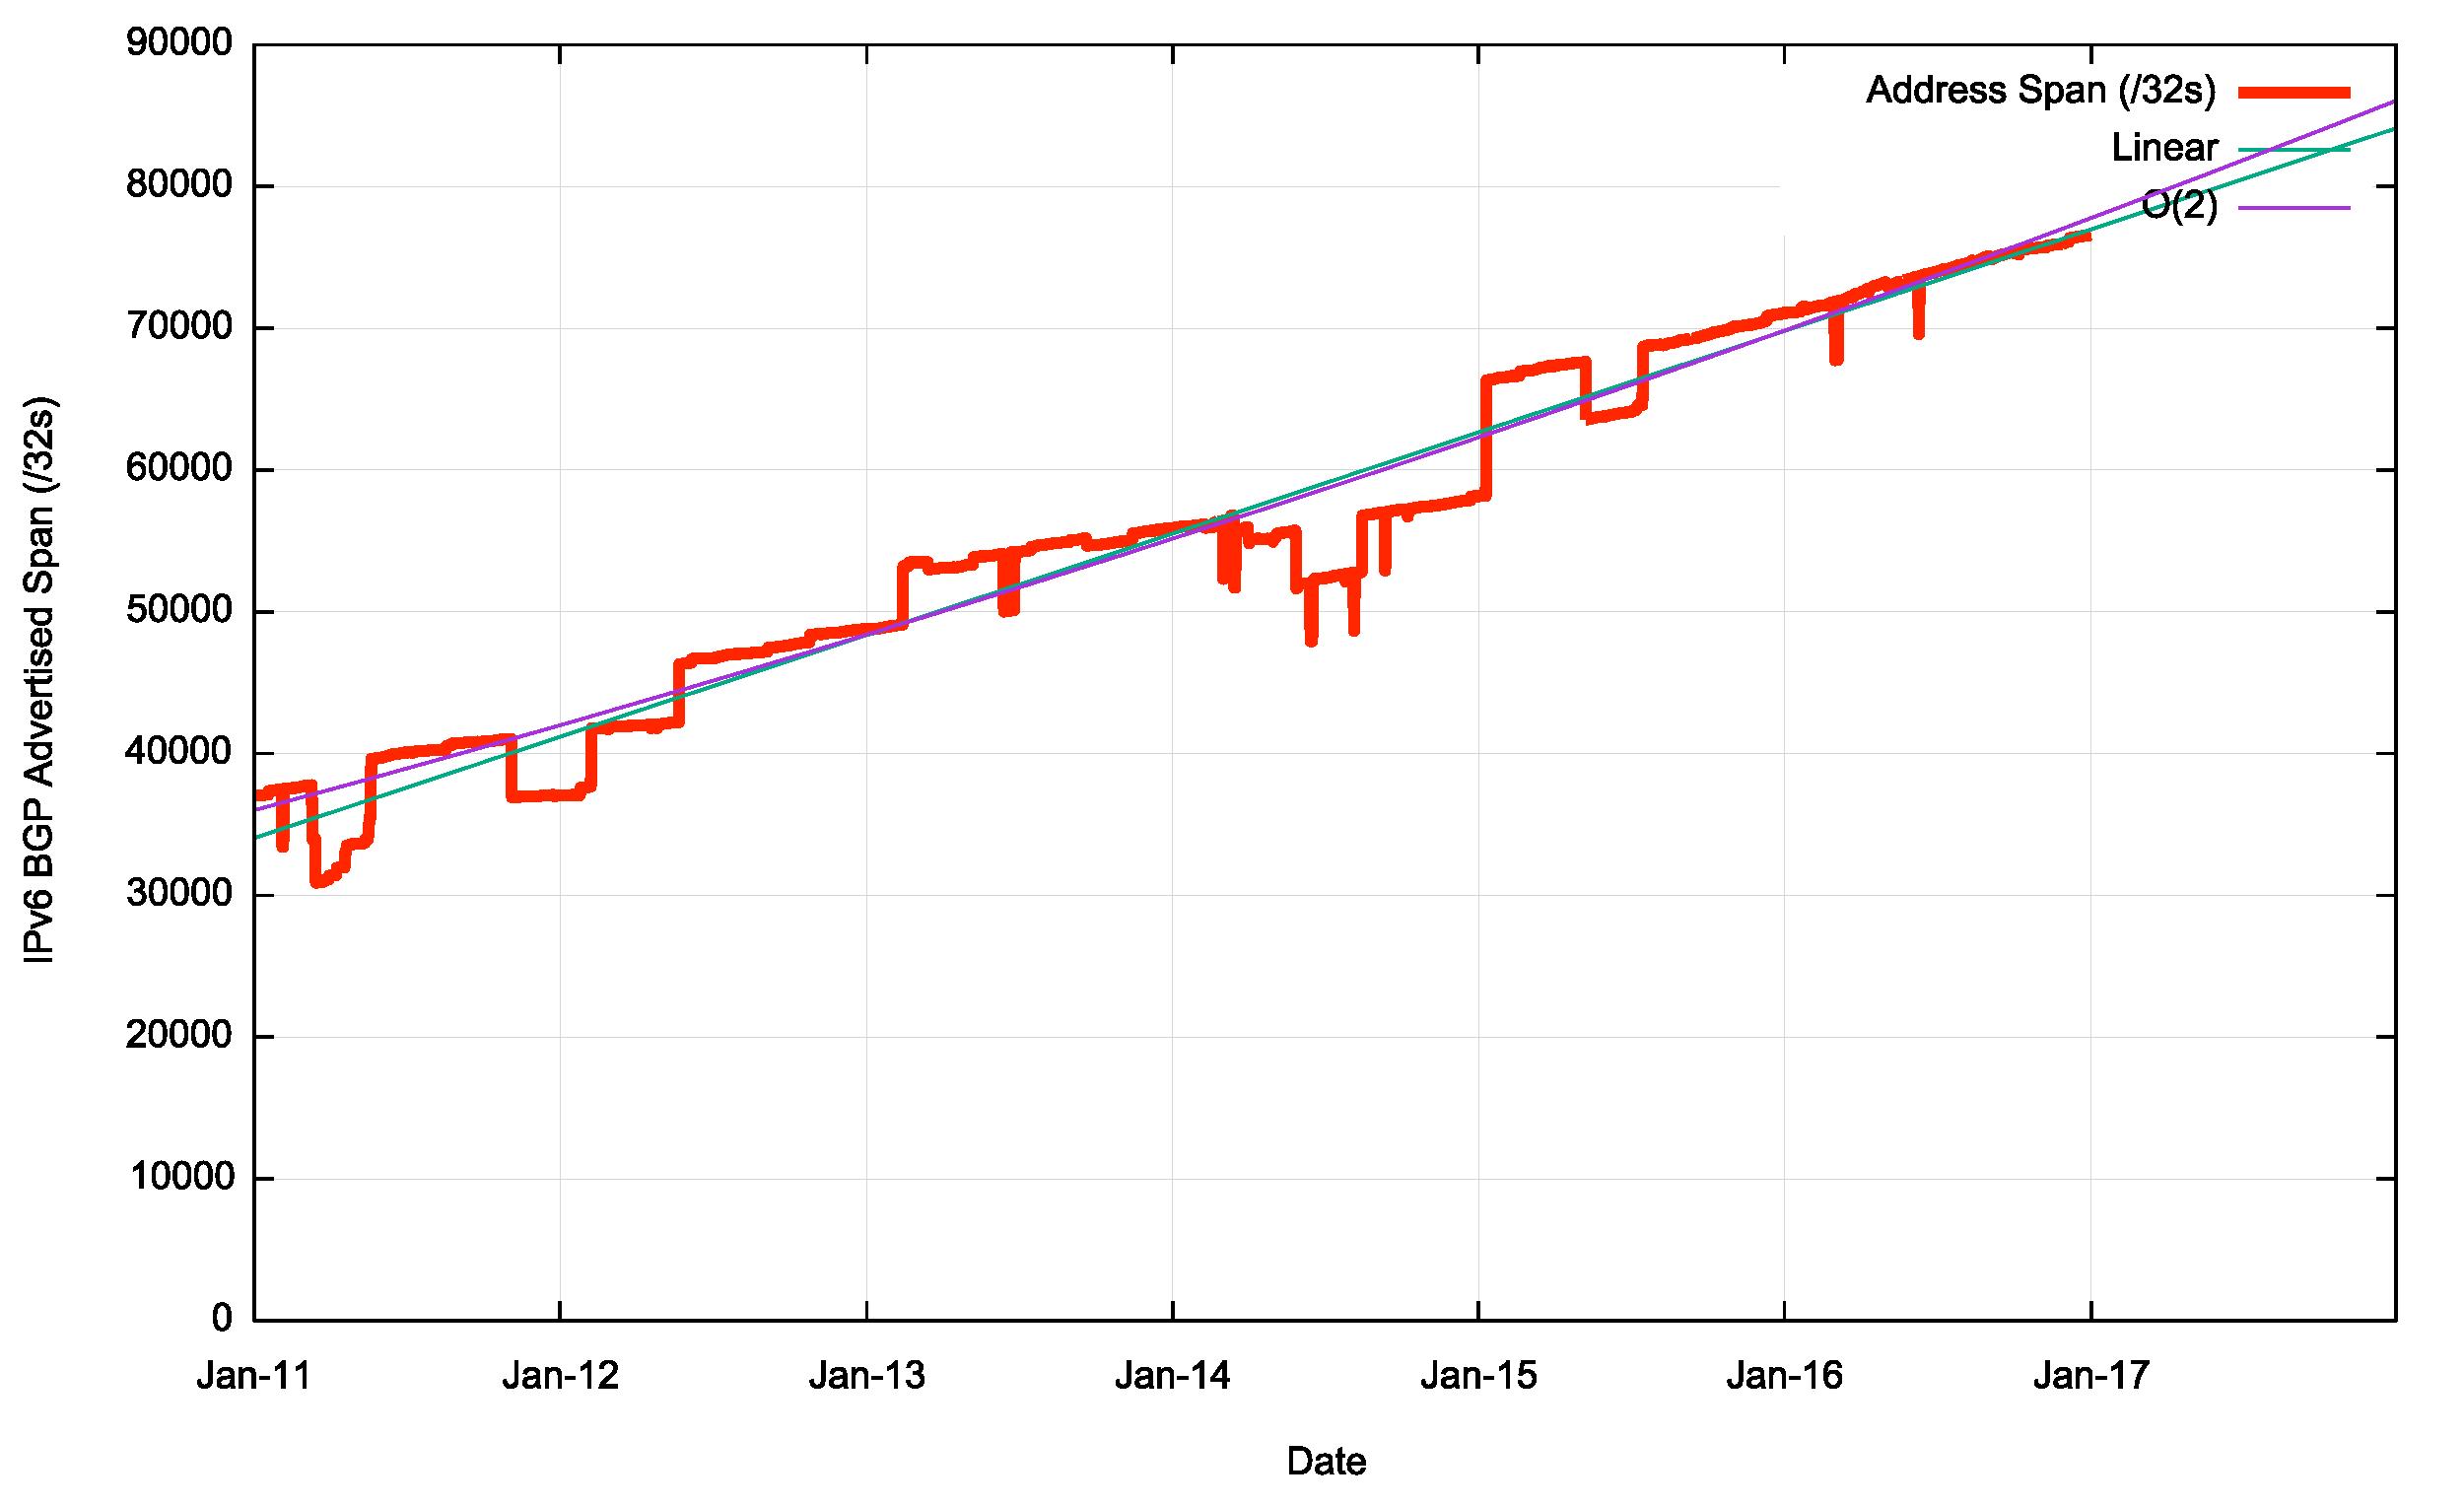 Figure 15 – IPv6 Advertised Address Space